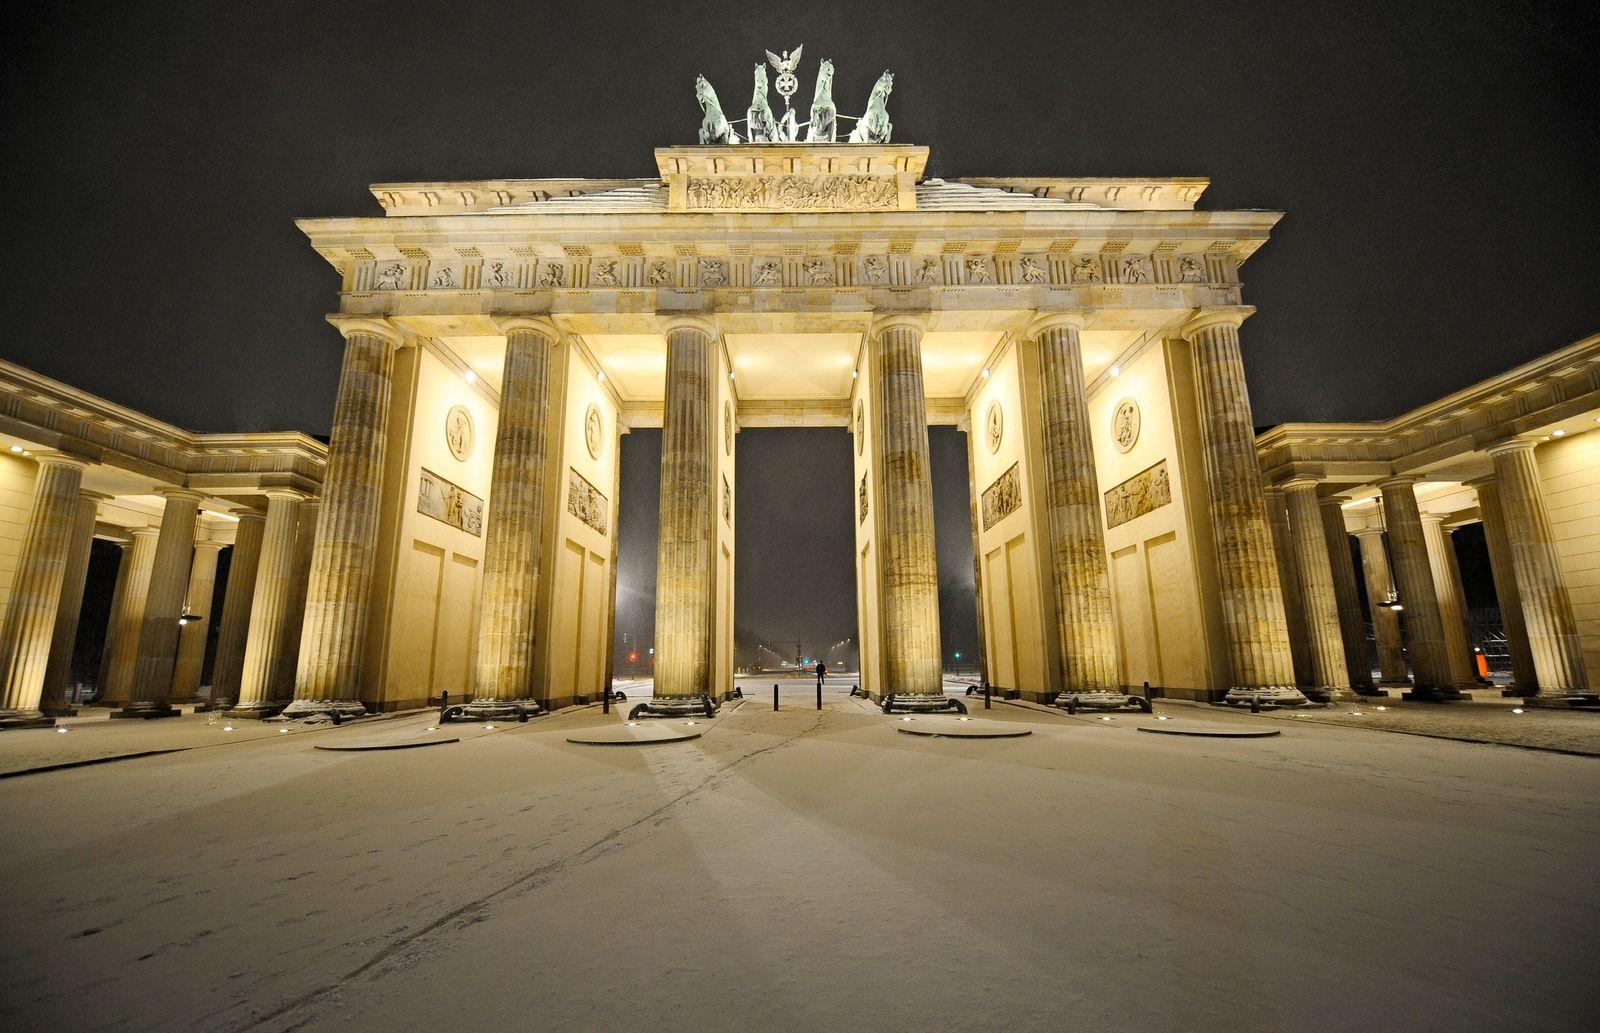 EINMALIGE VERWENDUNG Staustudie/ Berlin/ Brandenburger Tor